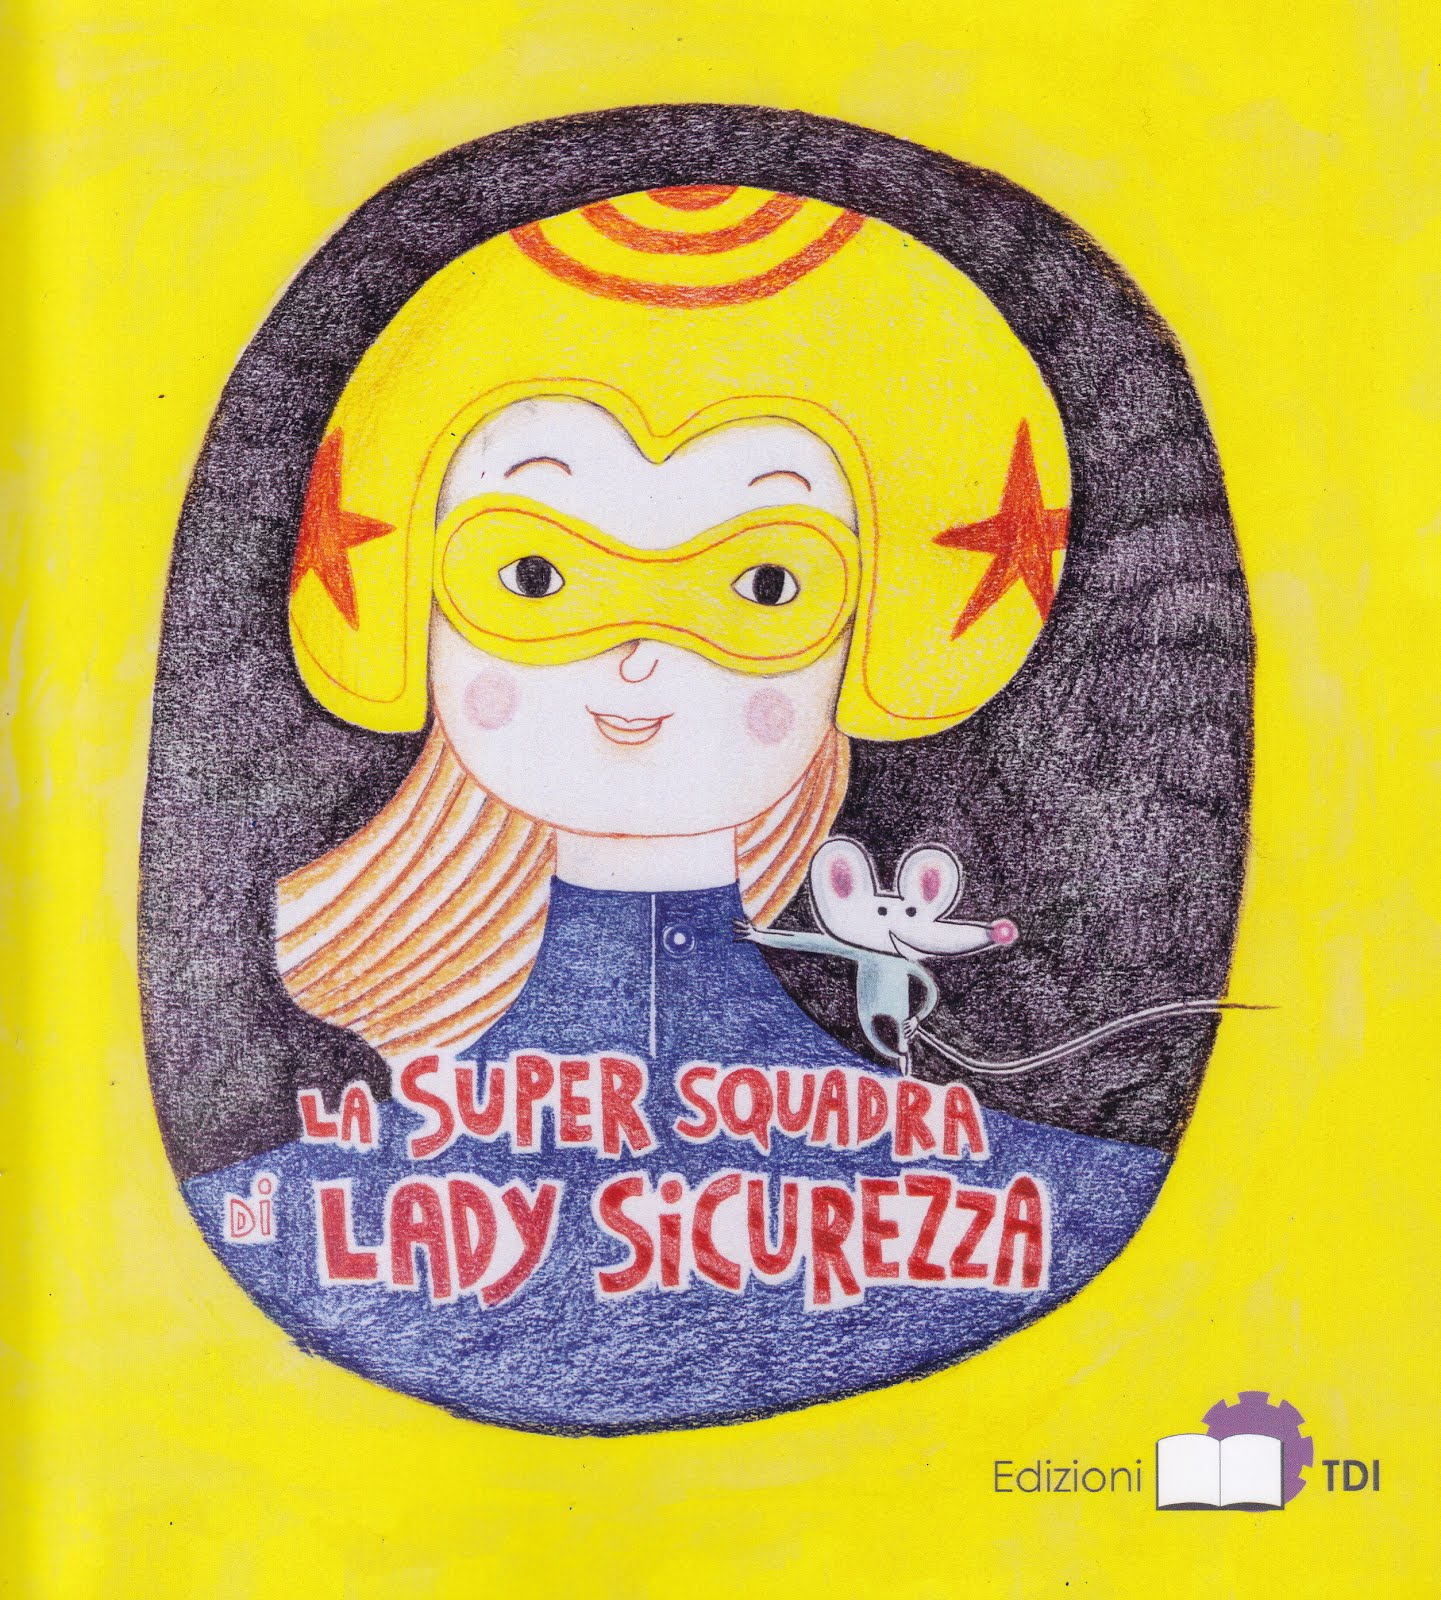 Lady Sicurezza